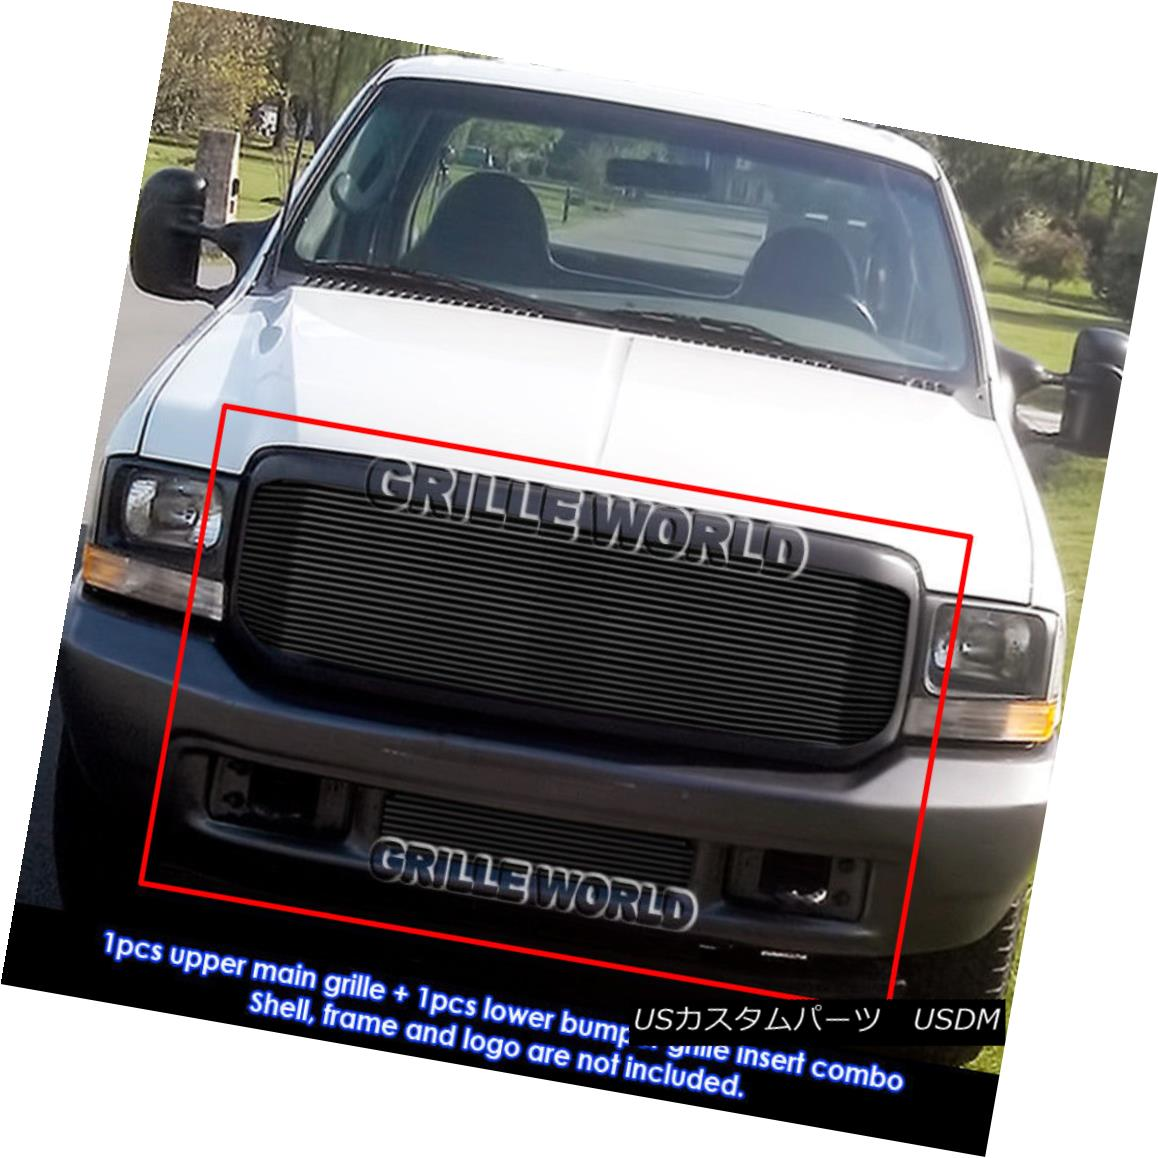 グリル Fits 99-2004 Ford F250/F350/2000-2004 Excursion Black Billet Grille Grill Combo フィット99-2004 Ford F250 / F350 / 2000 -2004エクスカーションブラックビレットグリルグリルコンボ